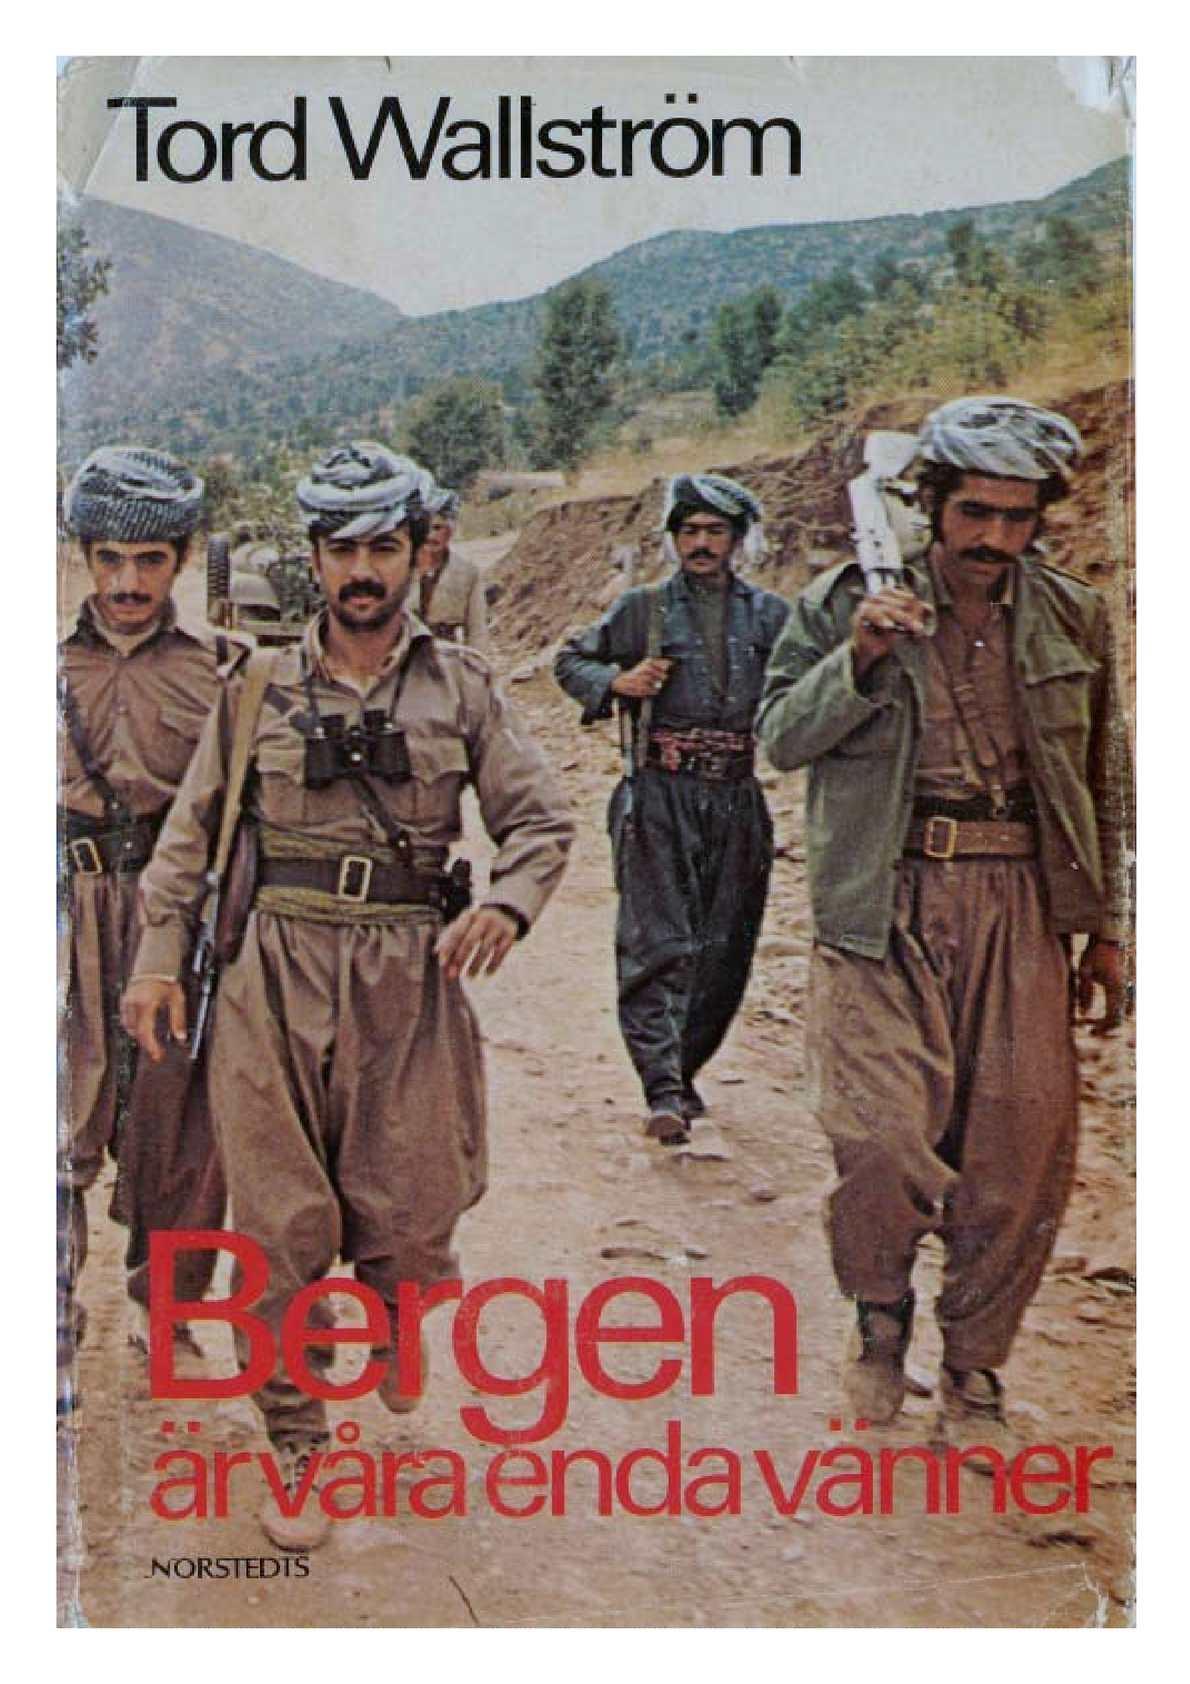 95 rebeller har deserterat